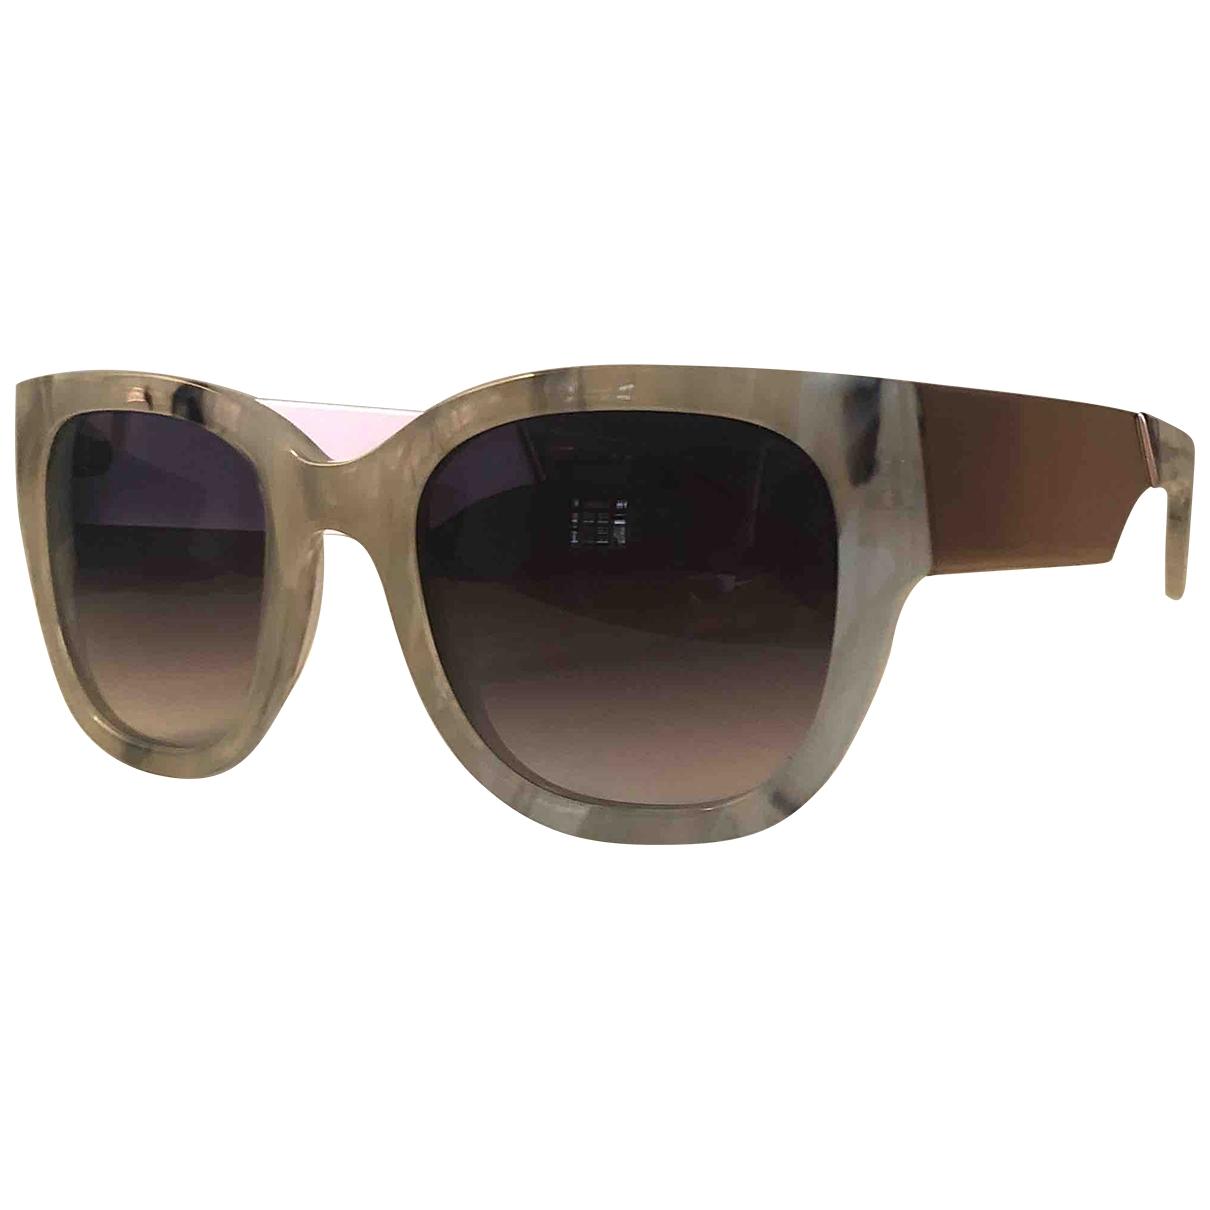 Gafas oversize Ace & Tate